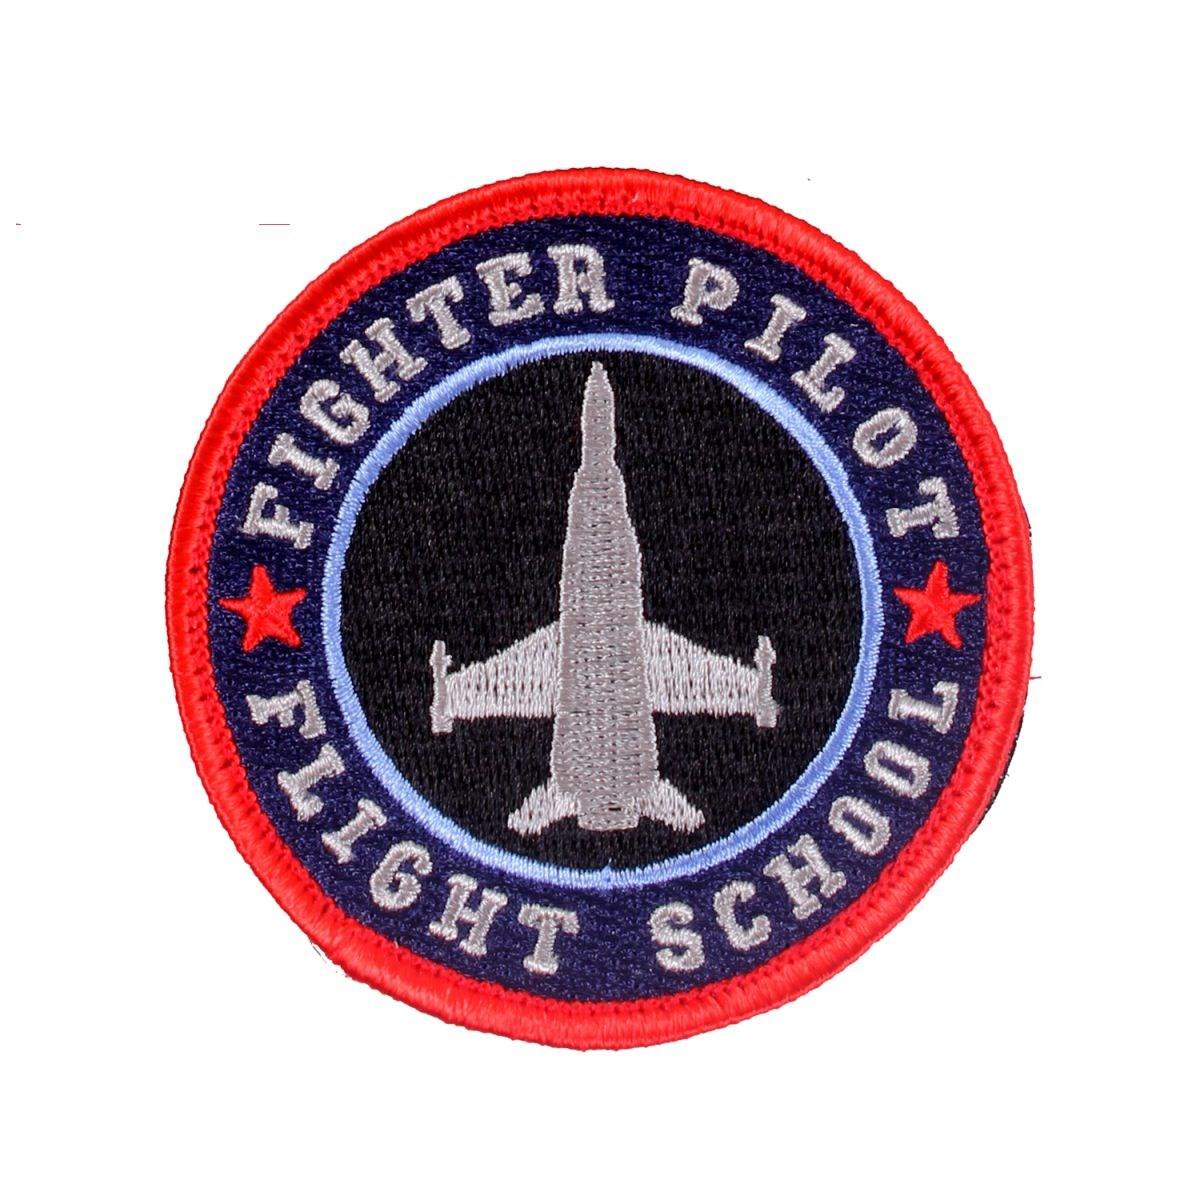 Nášivka FIGHTER PILOT FLIGHT SCHOOL velcro